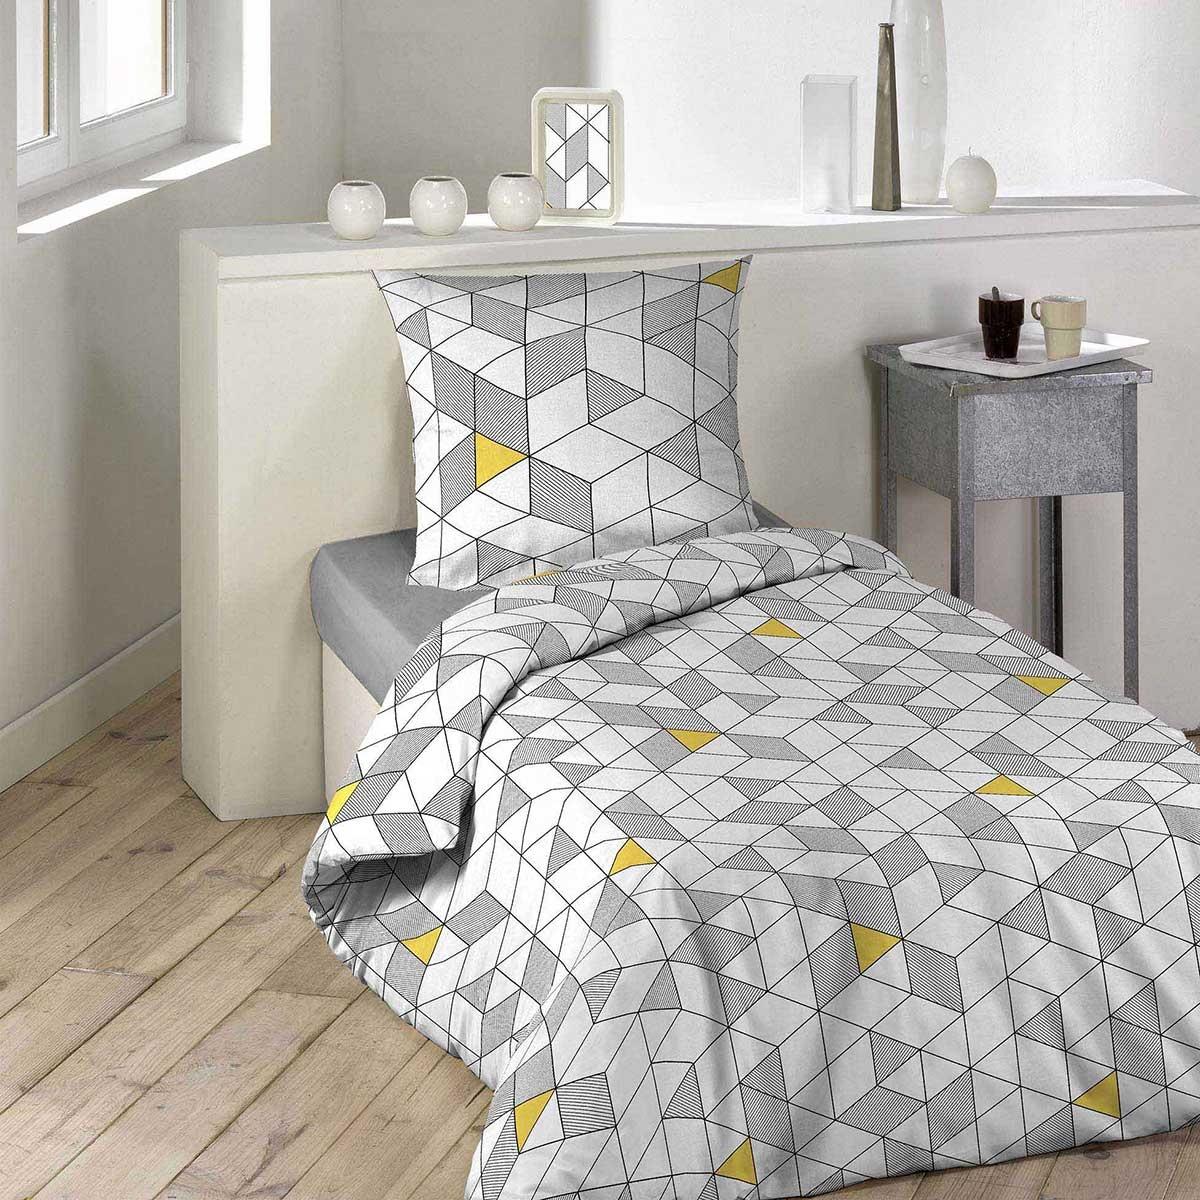 parure de lit graphique blanc gris homemaison vente en ligne parures de lit. Black Bedroom Furniture Sets. Home Design Ideas